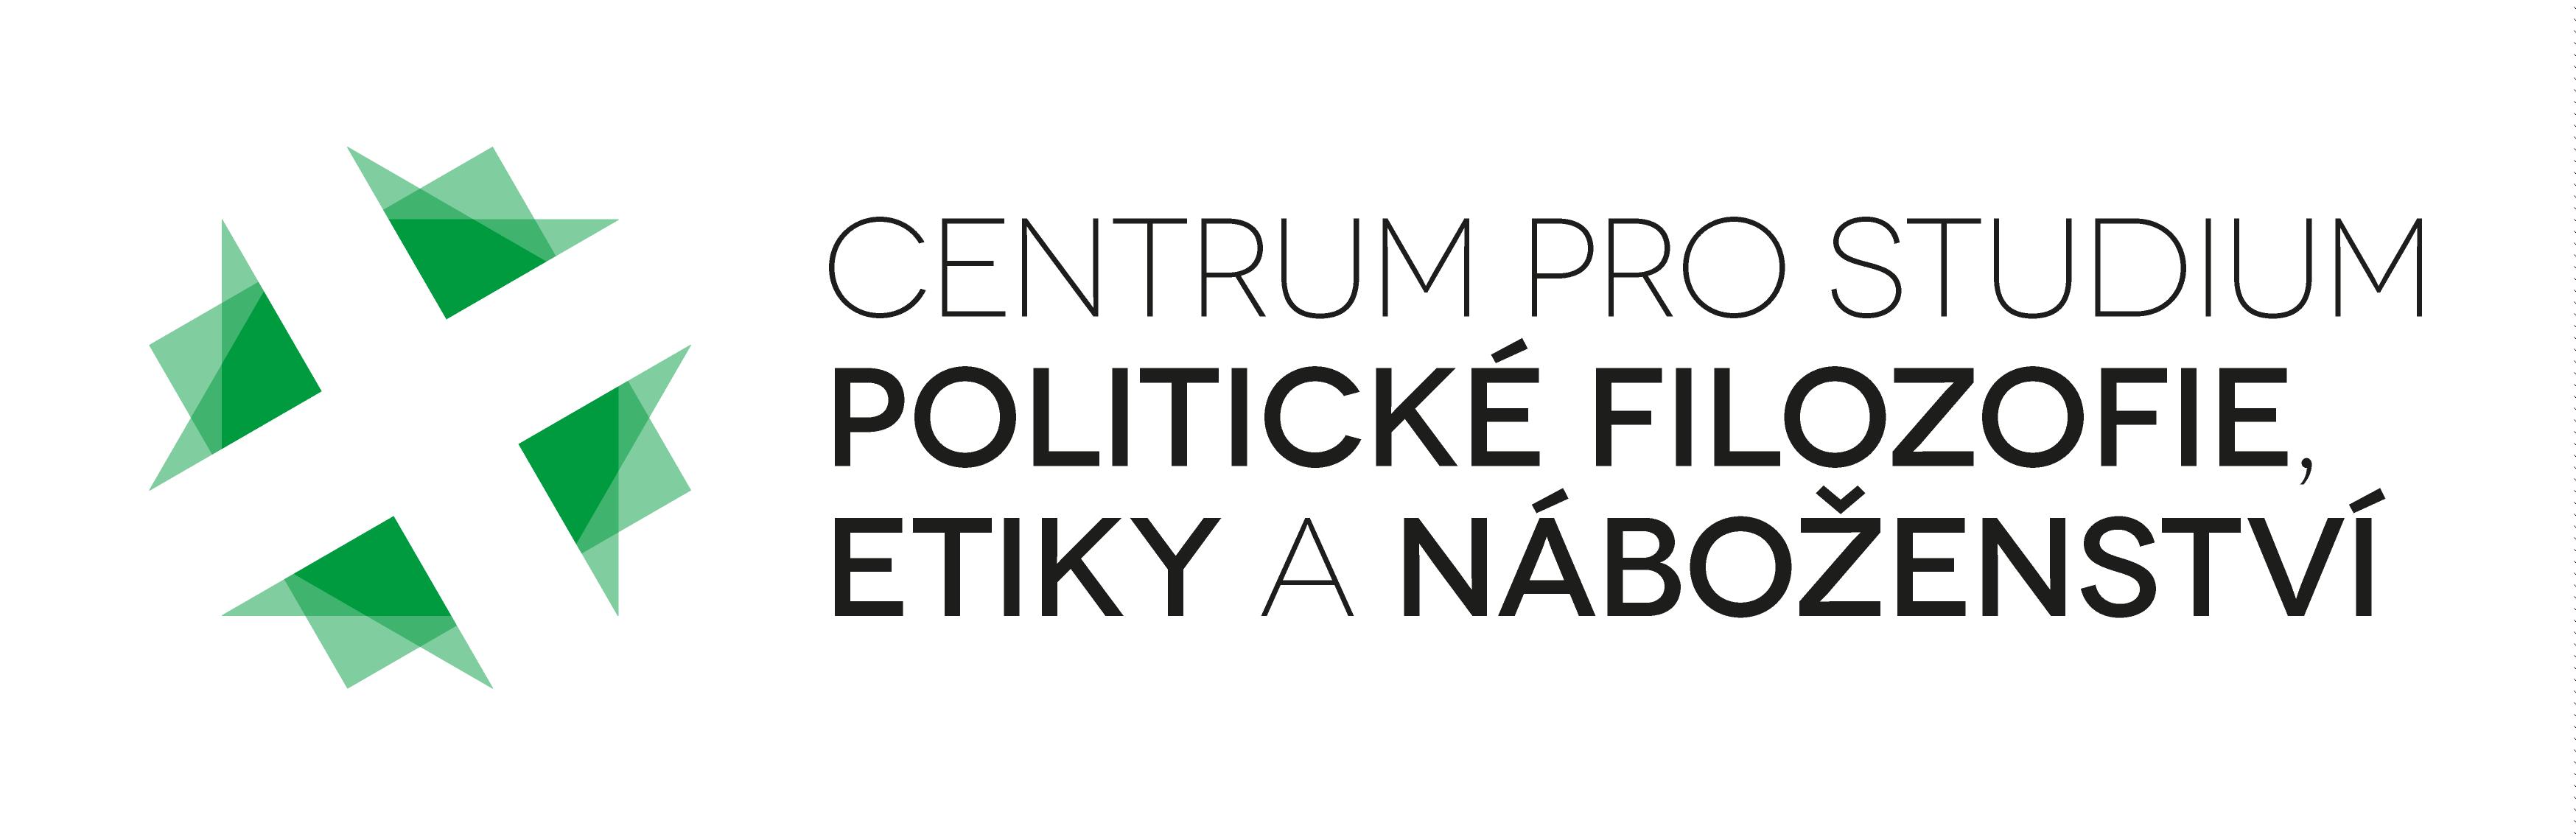 Centrum pro studium politické filosofie, etiky a náboženství